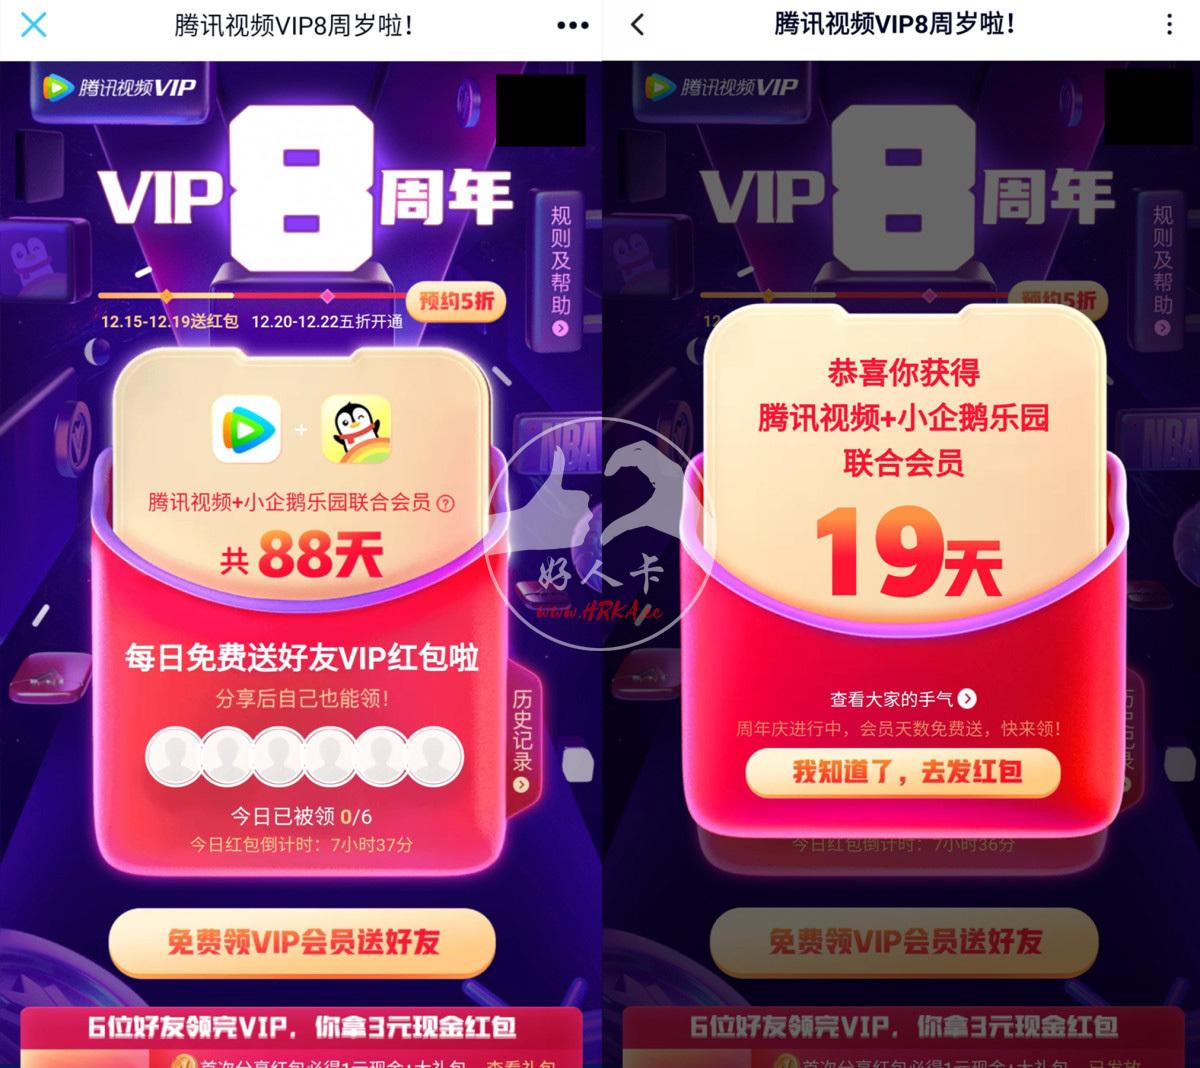 腾讯视频VIP 8周年 免费领VIP-好人卡